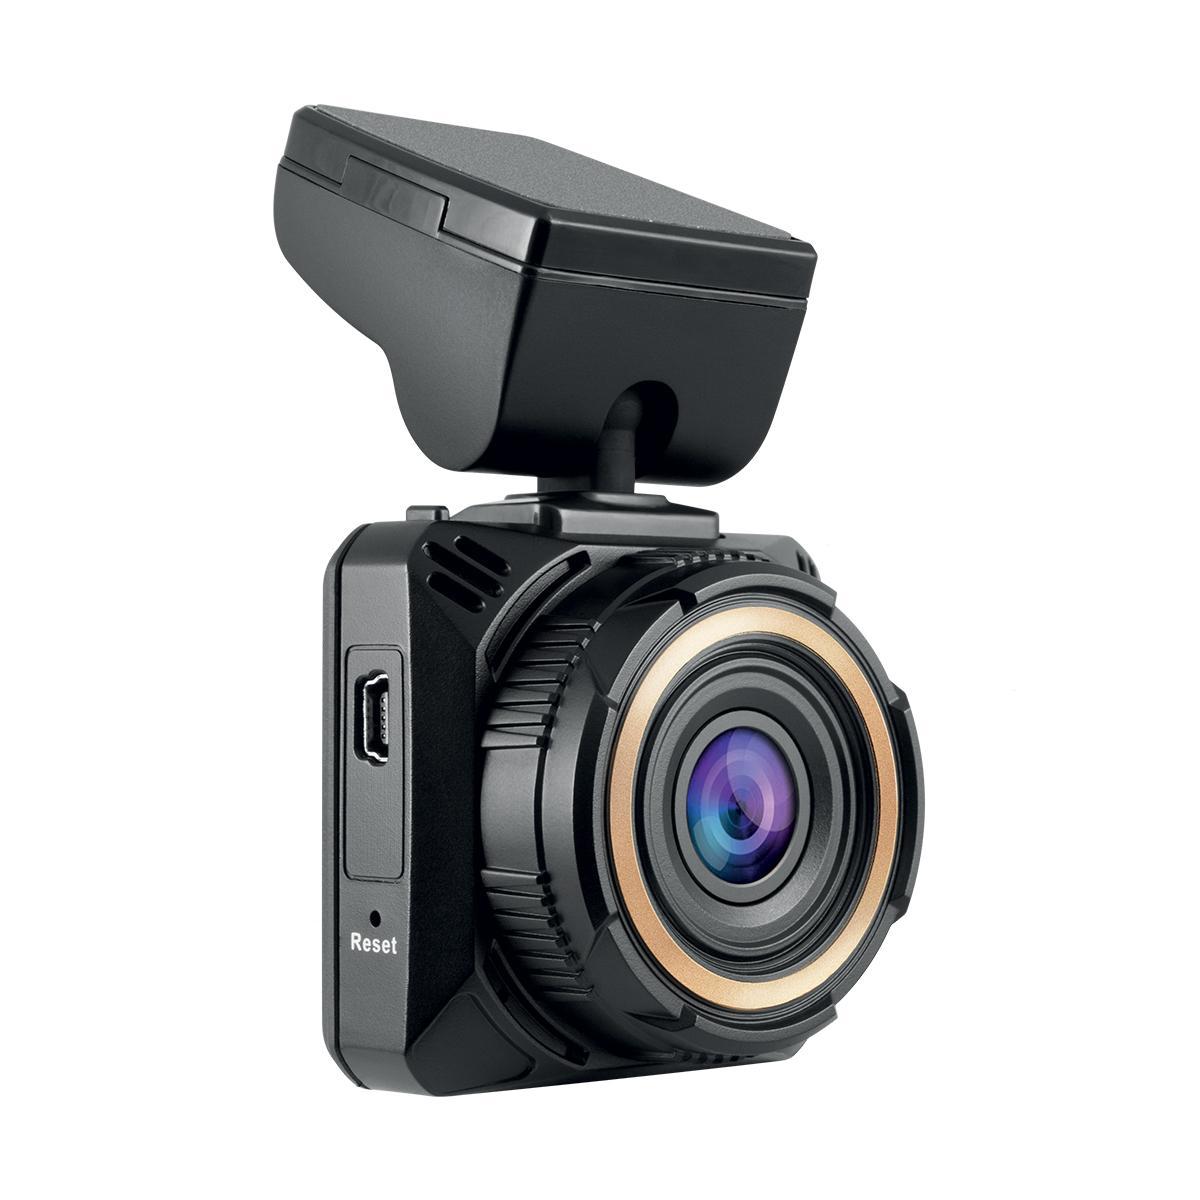 NAVR600QHD NAVITEL Videoformat: MP4, Videoauflösung: 1280x720, 1920x1080, 2560x1440, Bildschirmdiagonale: 2Zoll Blickwinkel: 170° Dashcam NAVR600QHD günstig kaufen